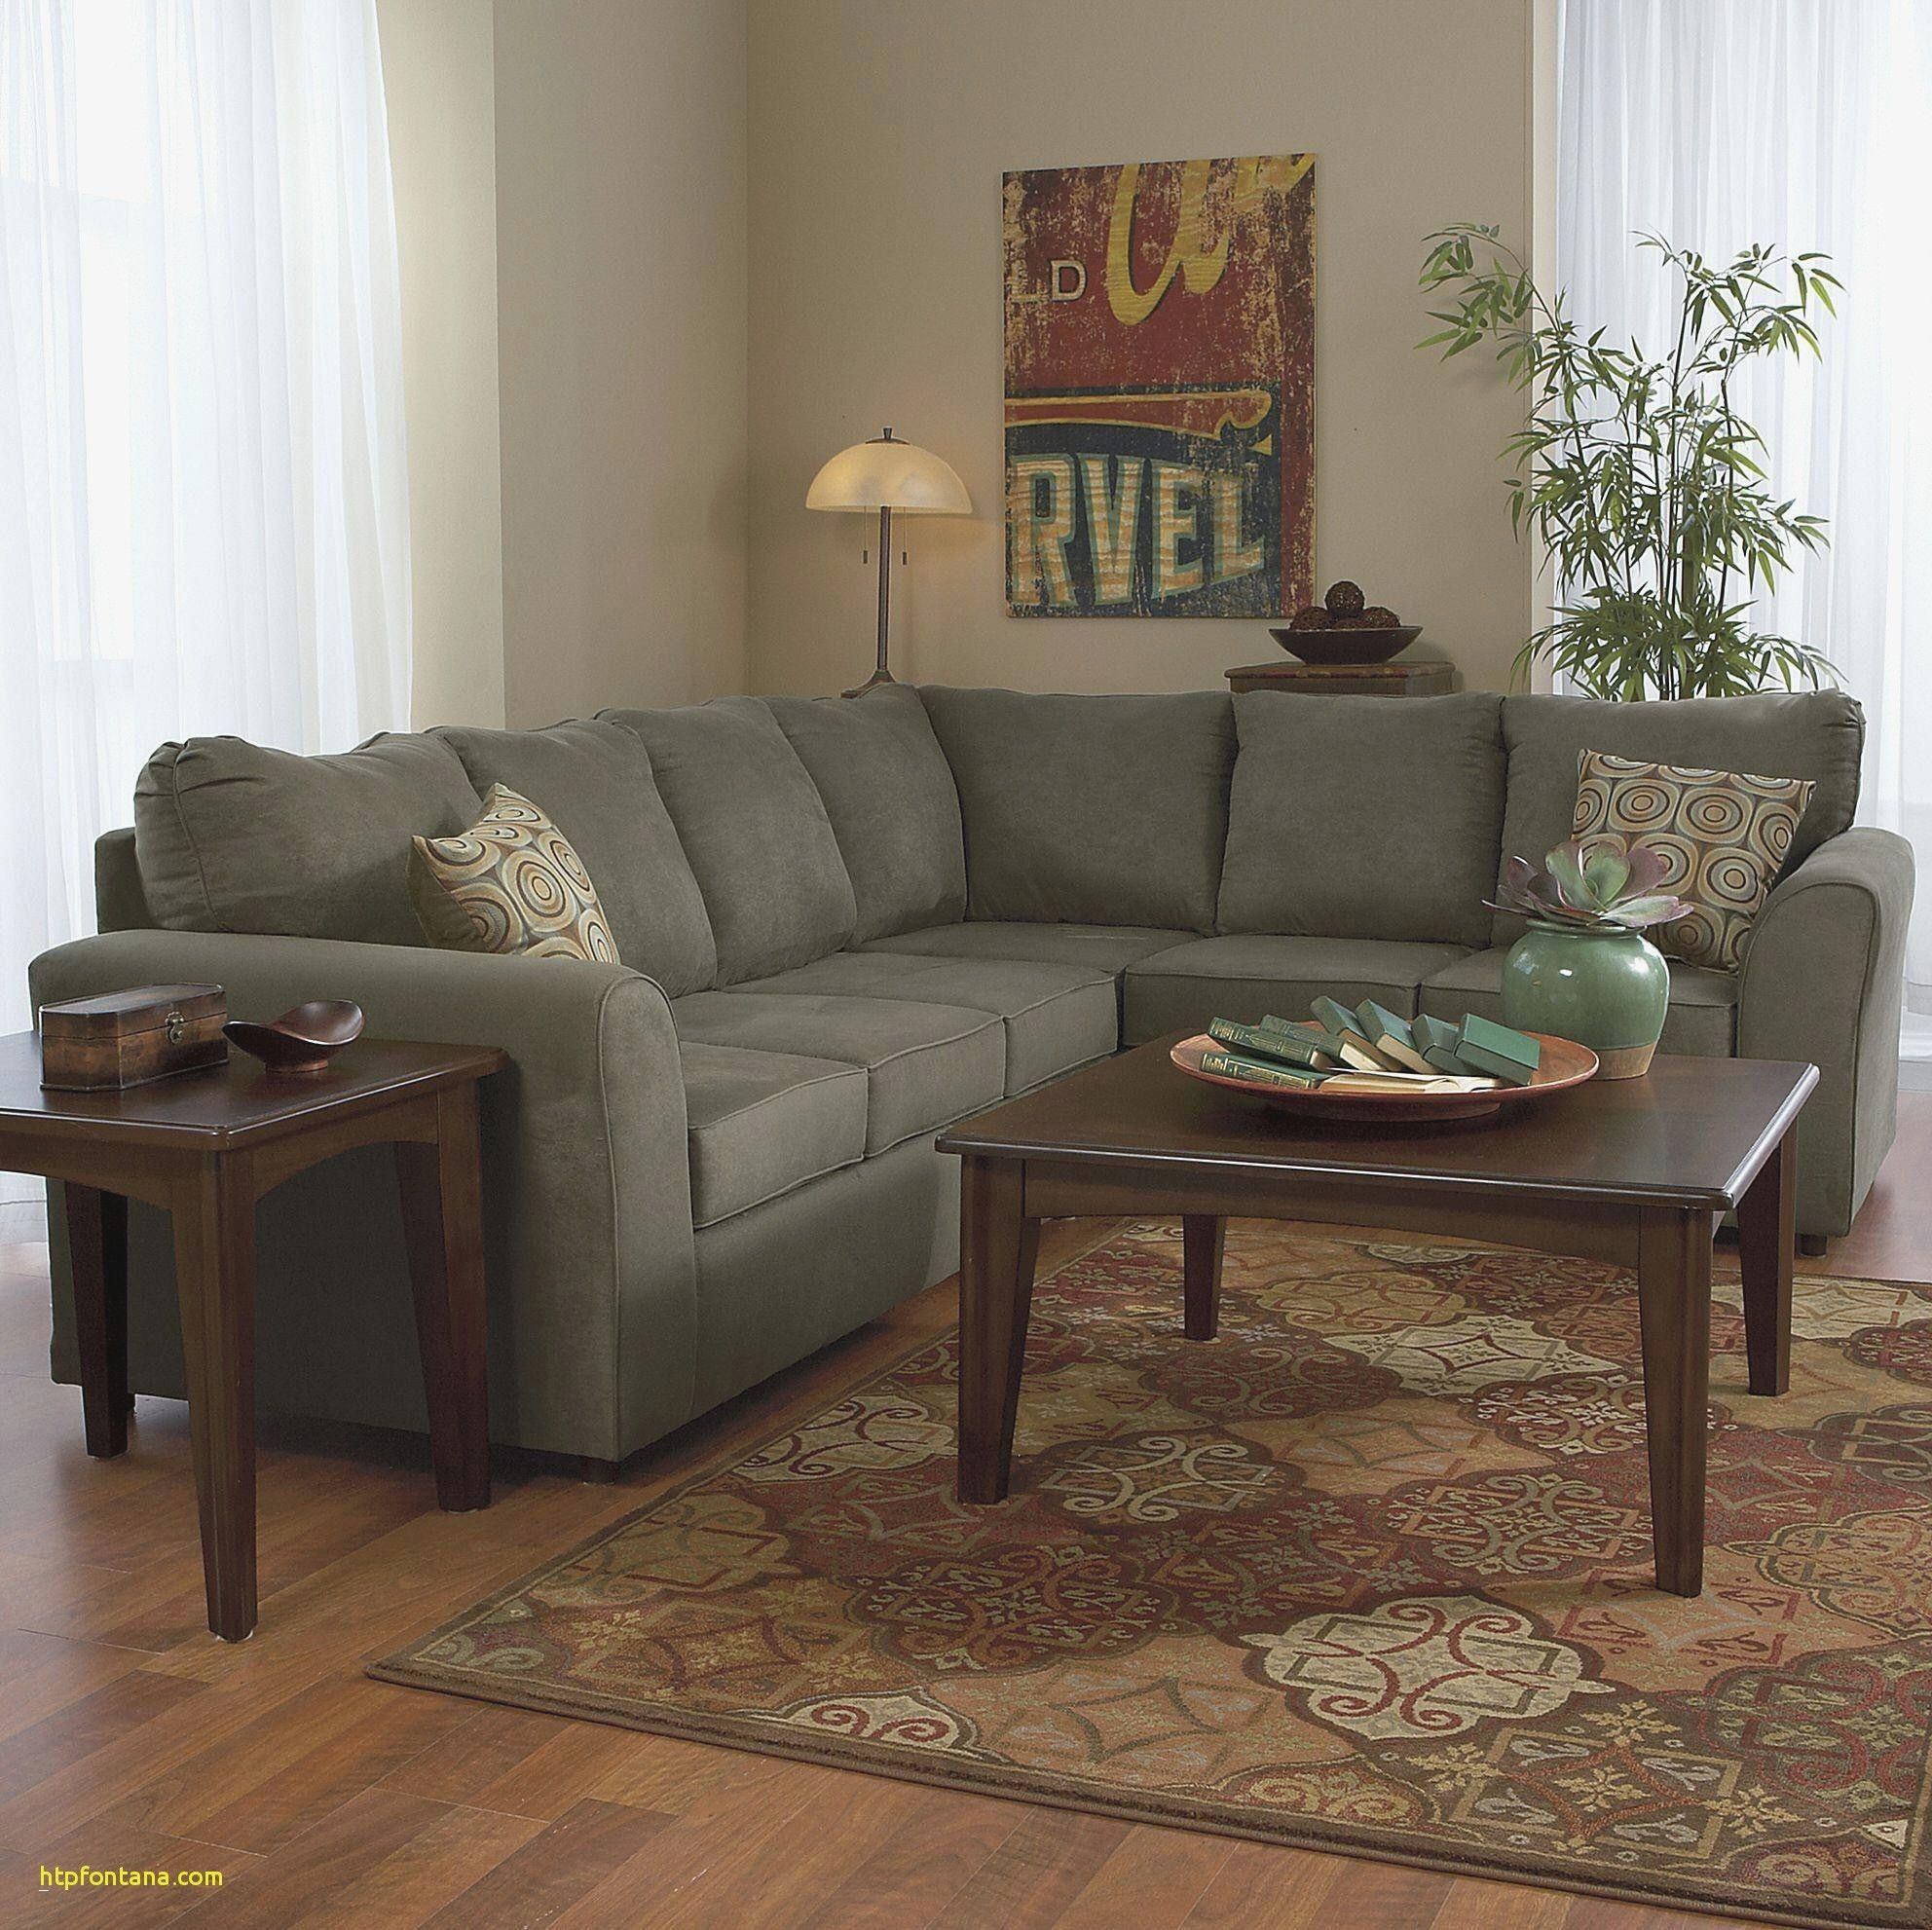 10 Bedroom Ideas with Teak Furniture  Farm house living room